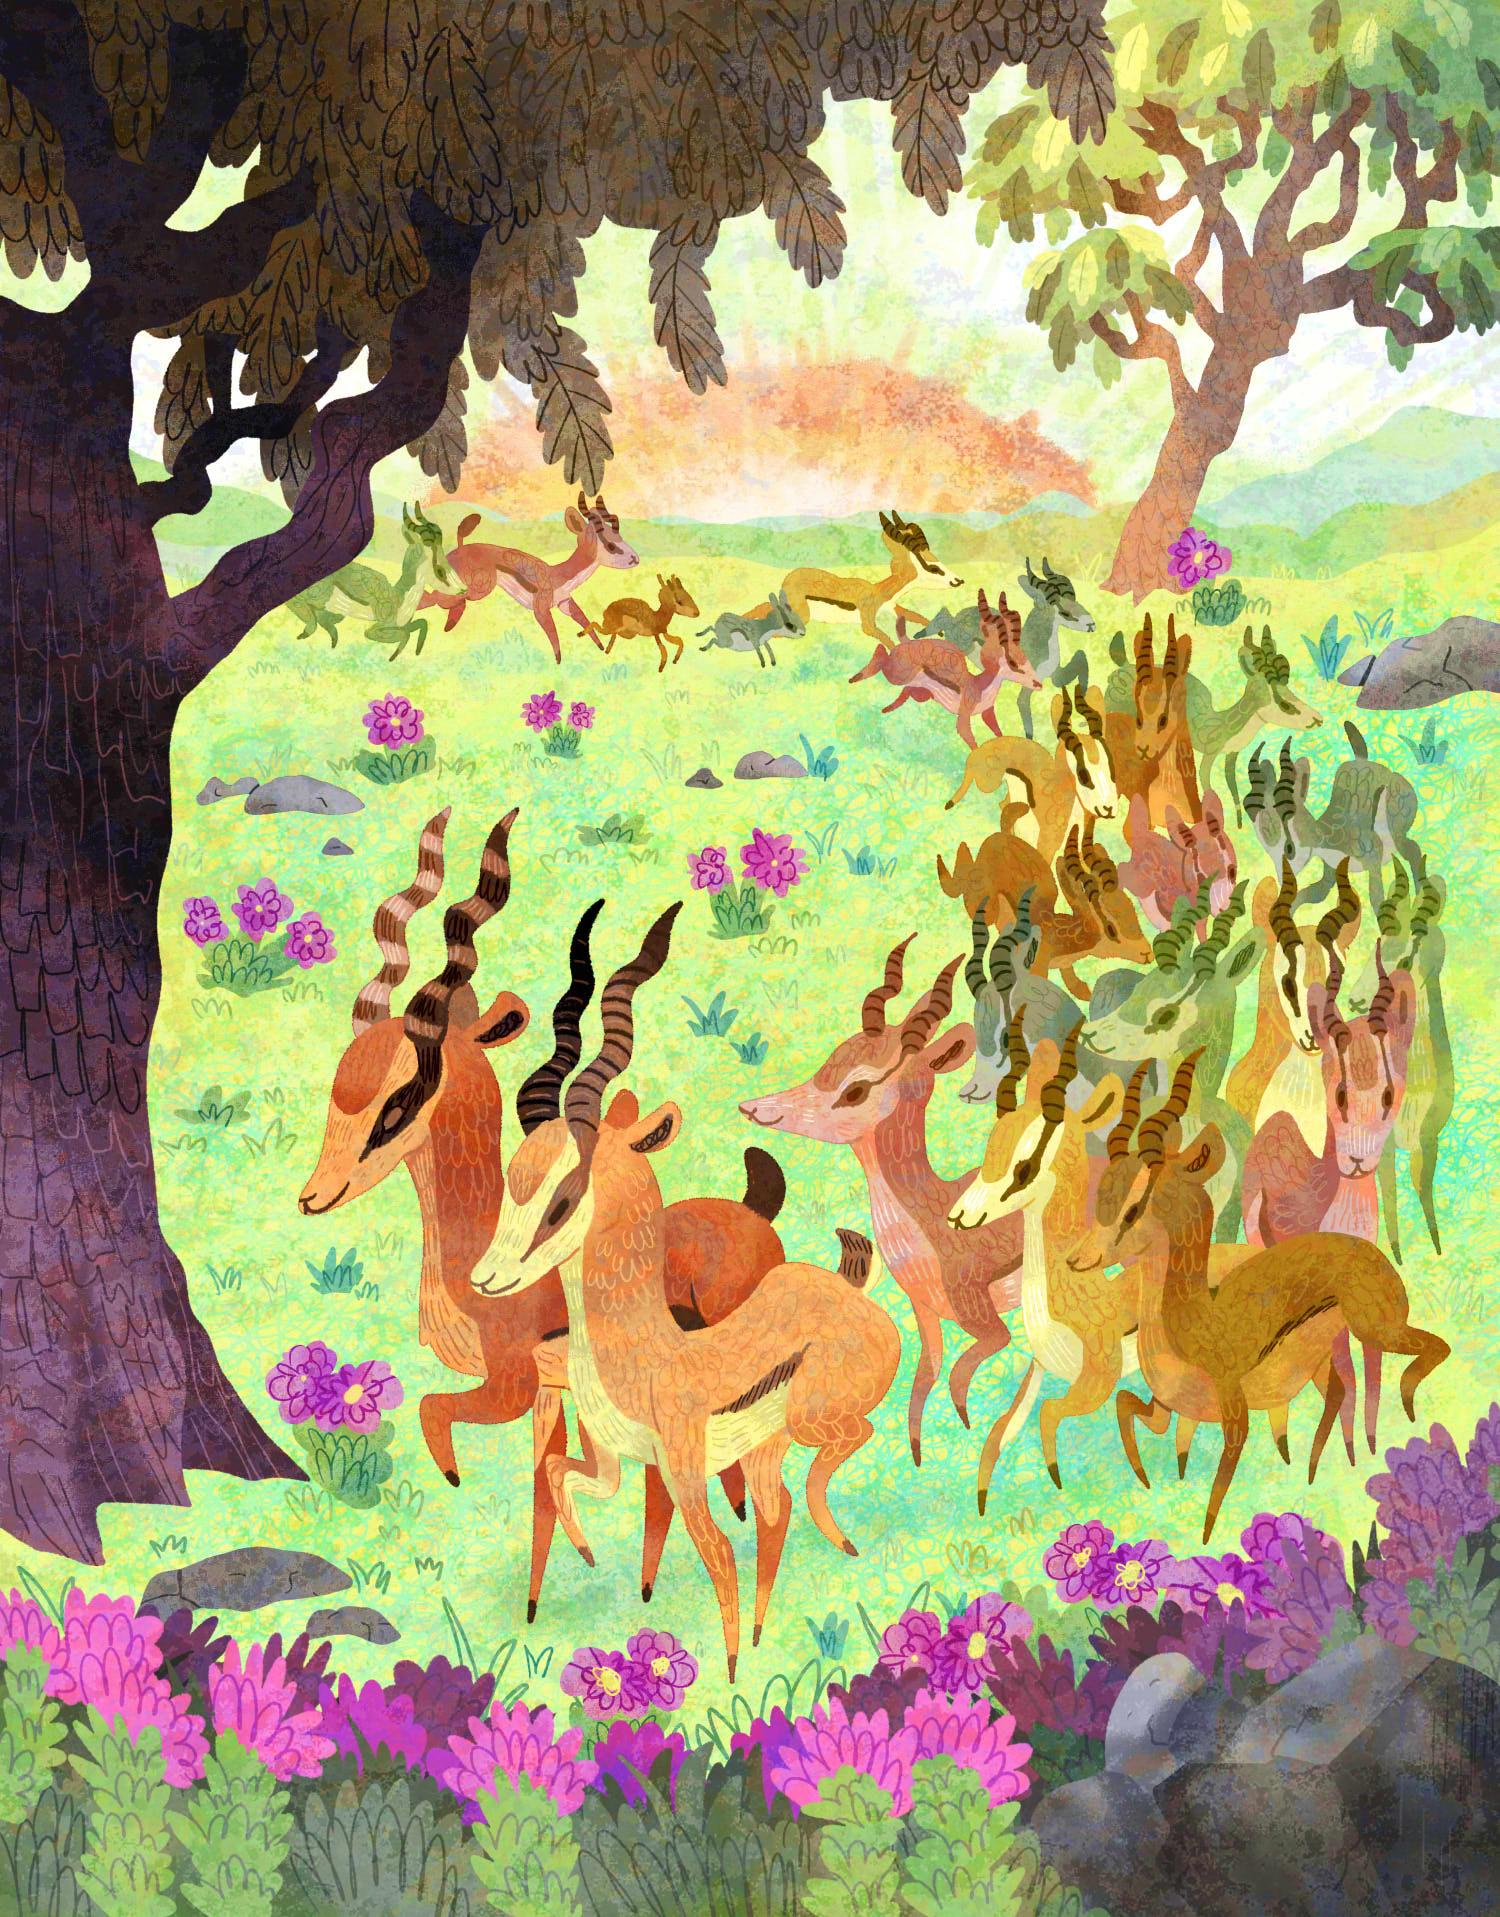 Springbok Tribe